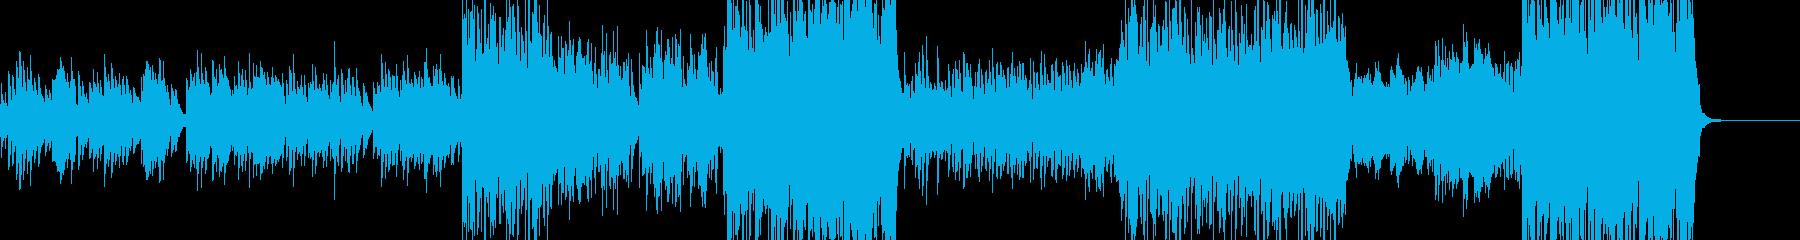 姫チック・踊れるスィングジャズ Hの再生済みの波形